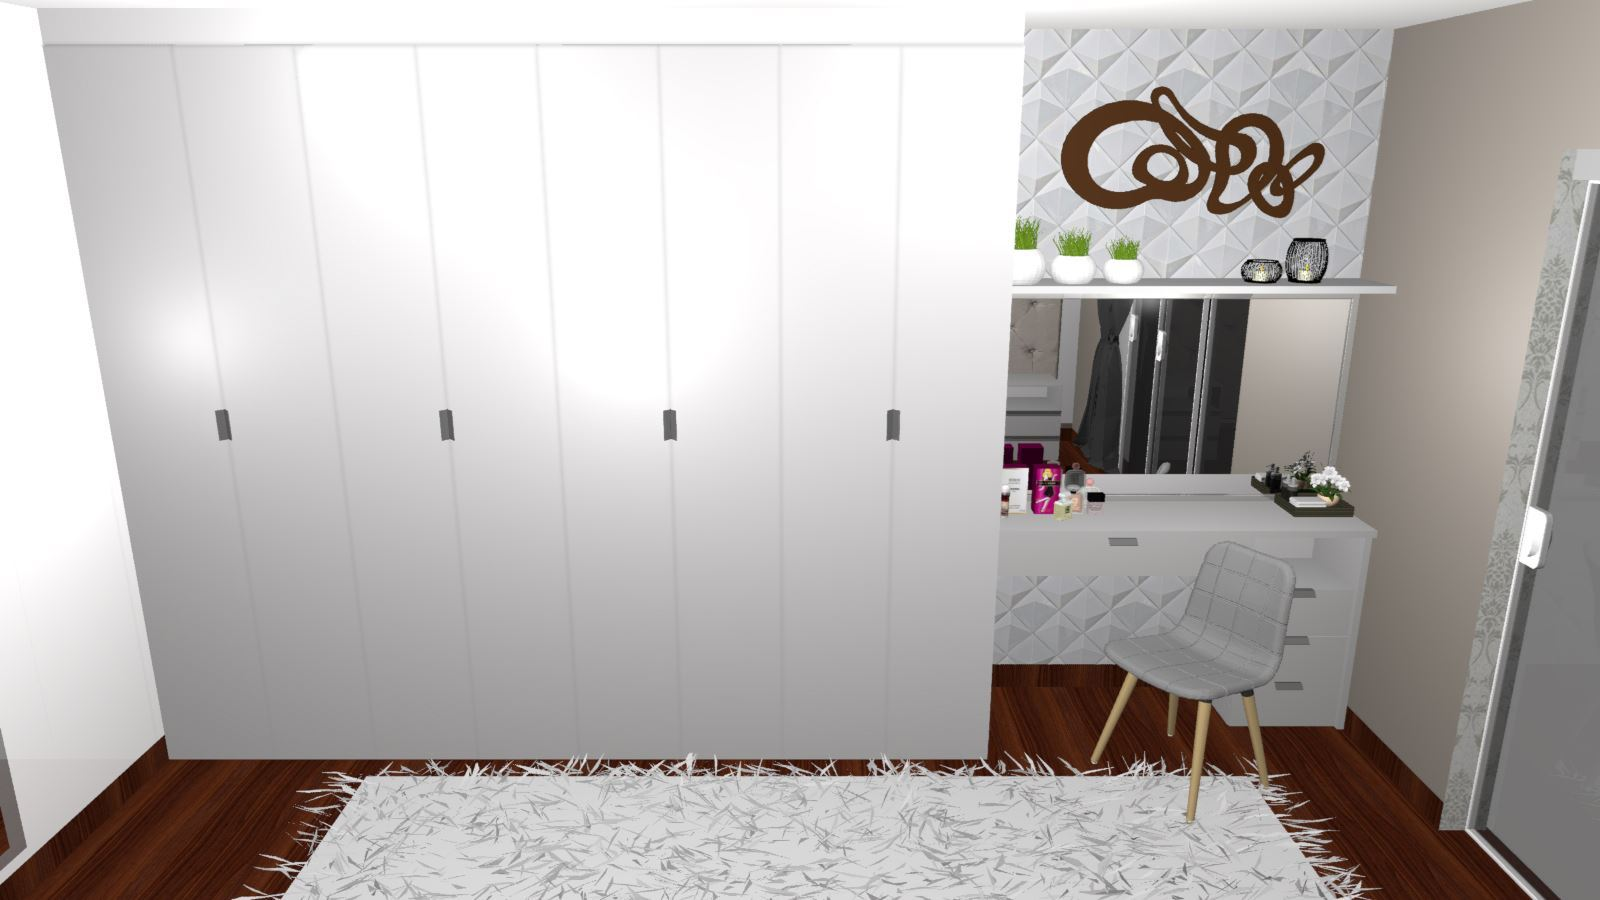 Quarto de Casal Planejado para Apartamento - Visão Frontal Guarda-roupa